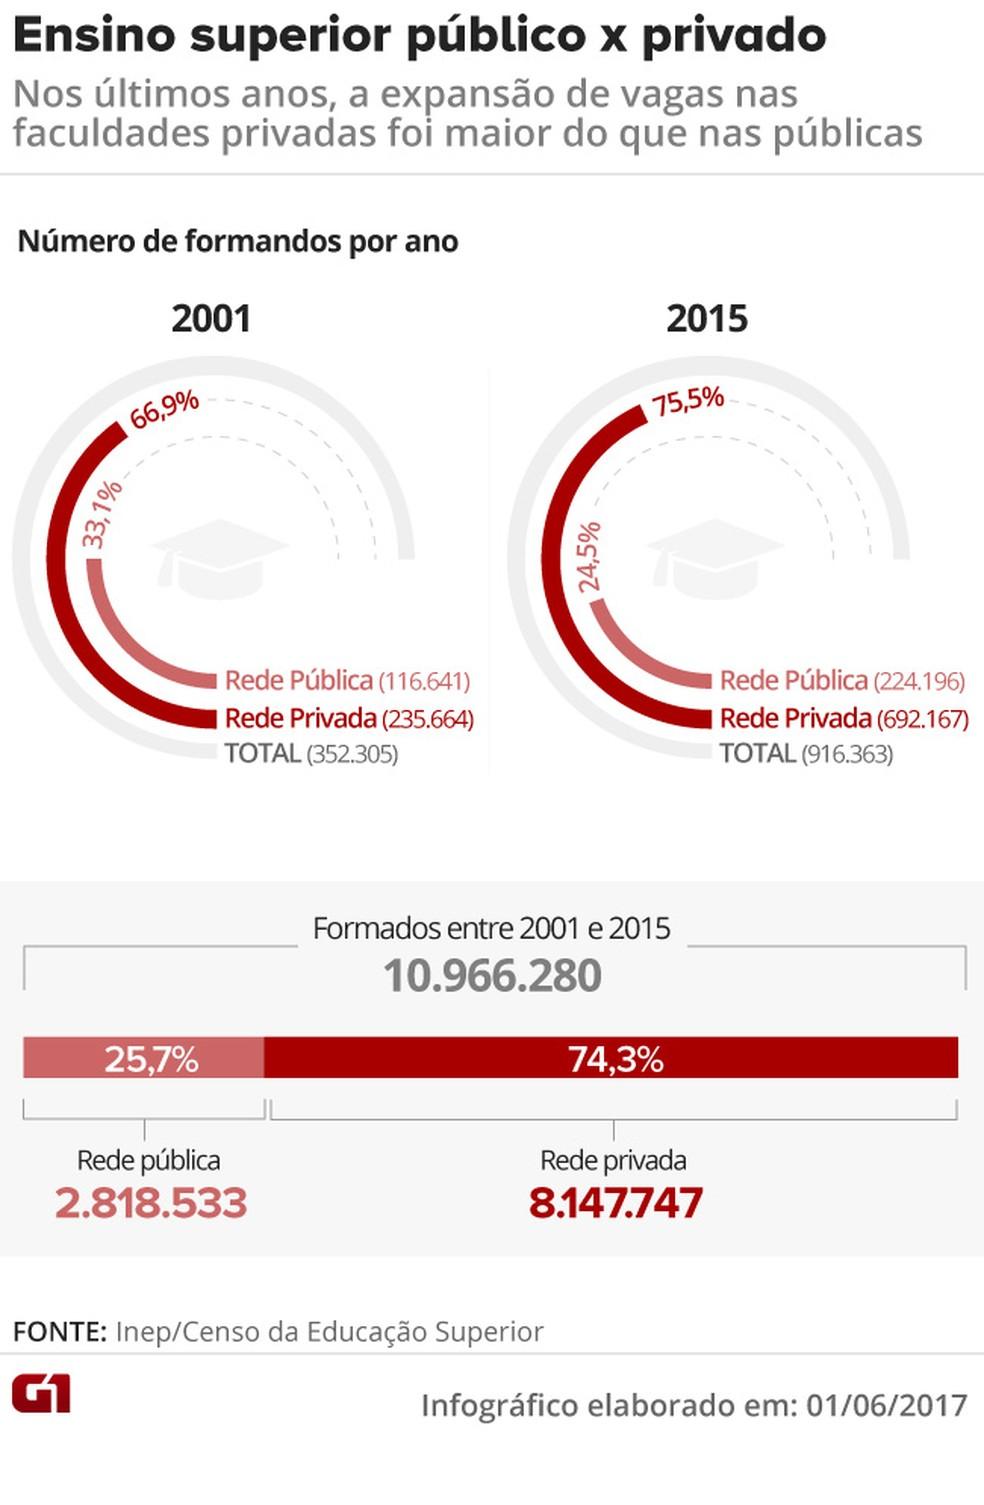 Nos últimos 15 anos, a expansão de vagas nas faculdades privadas foi maior do que nas públicas (Foto: Arte/G1) (Foto: Arte/G1)